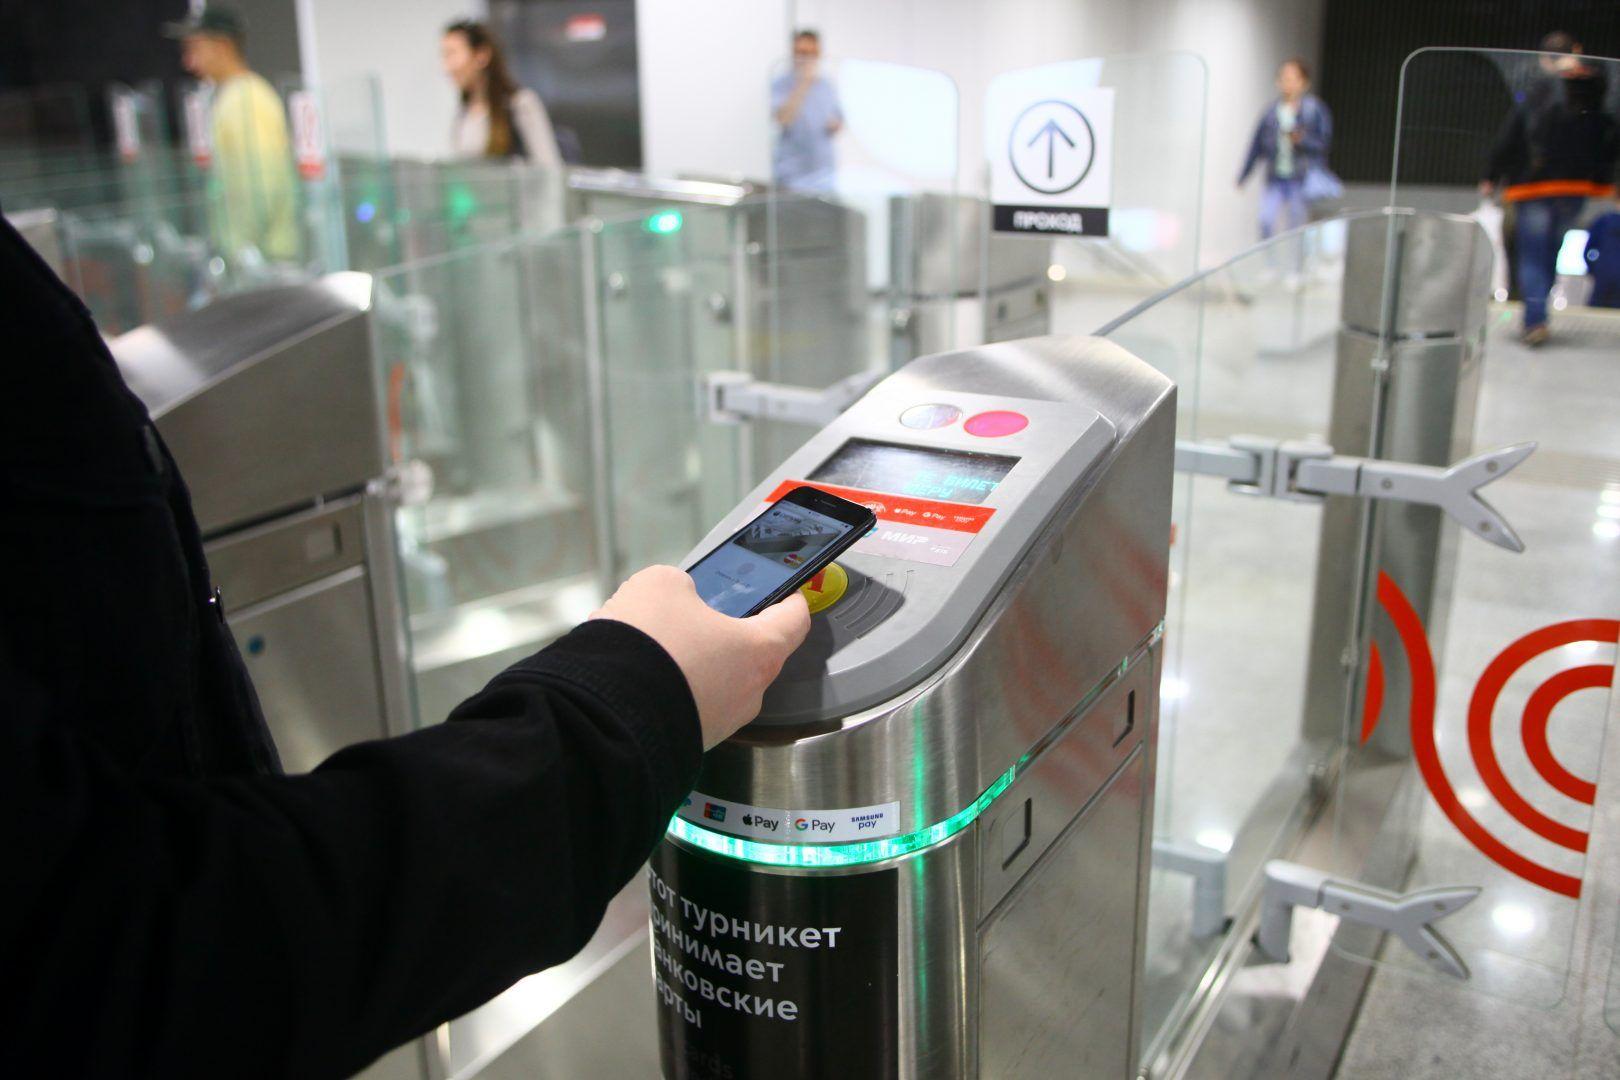 Москвичей предупредили об ограничении оплаты проезда в метро.Фото: архив, «Вечерняя Москва»